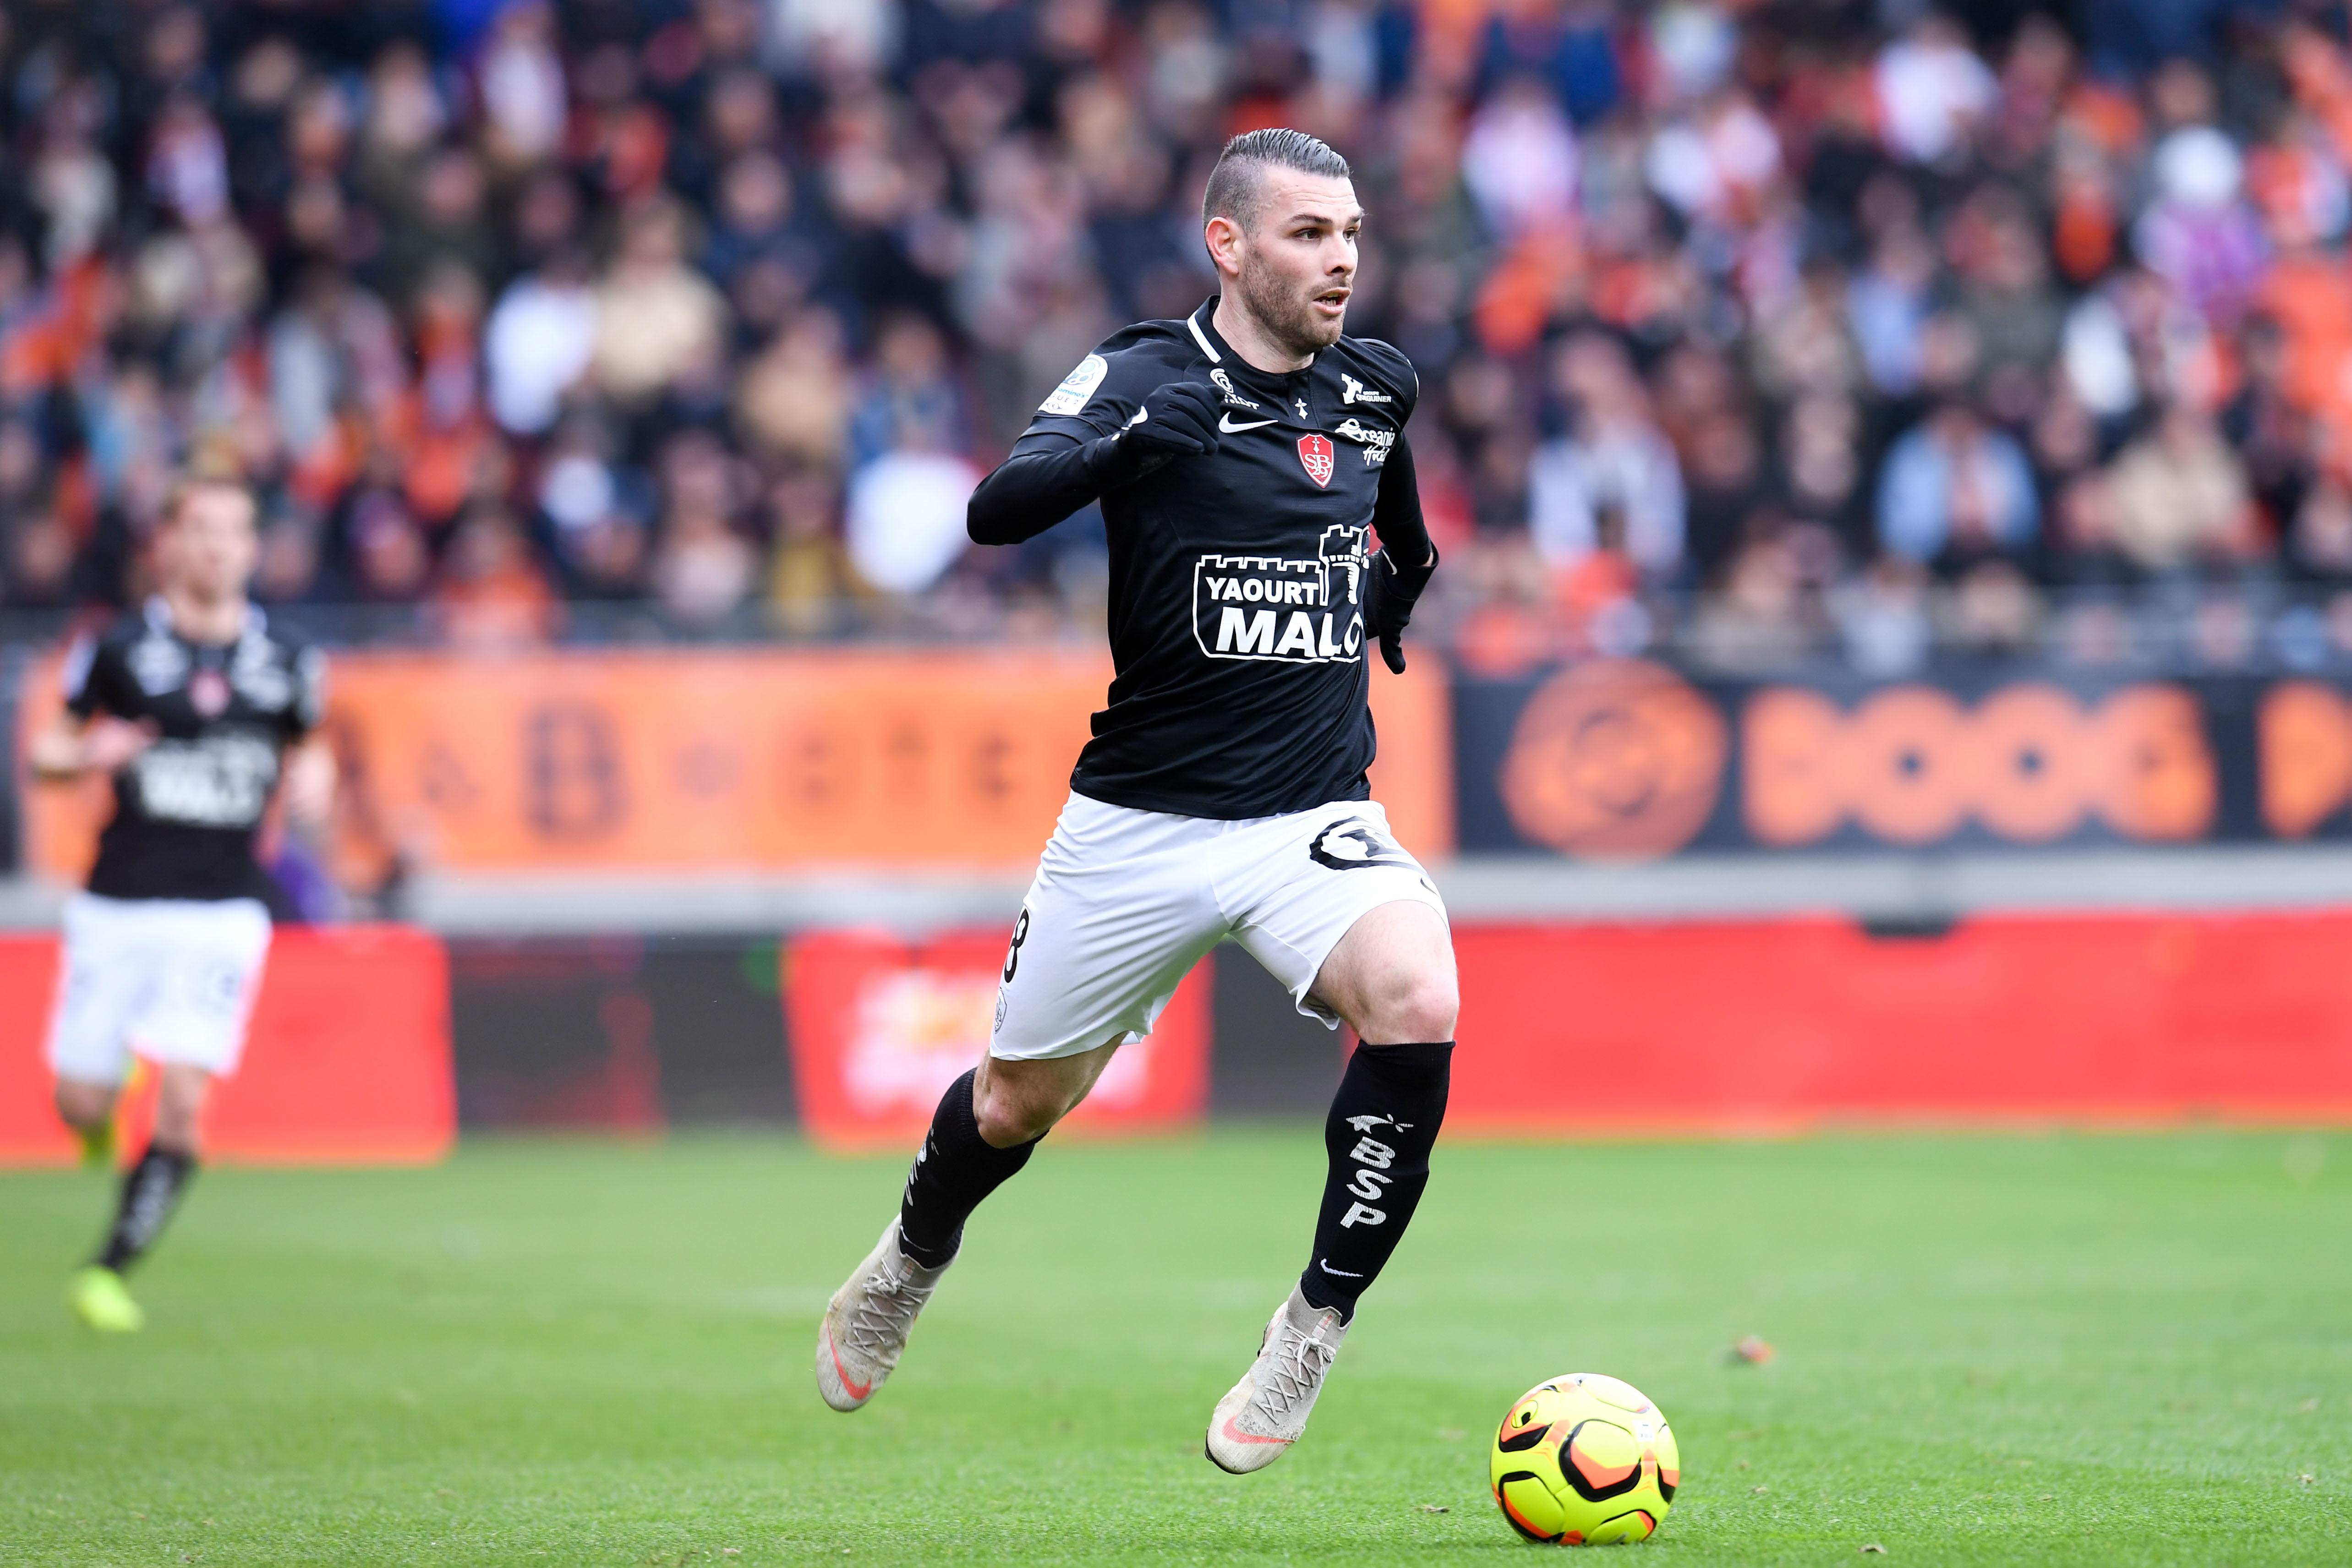 Football - Ligue 2 - Ligue 2 : les scores de la 30e journée en direct